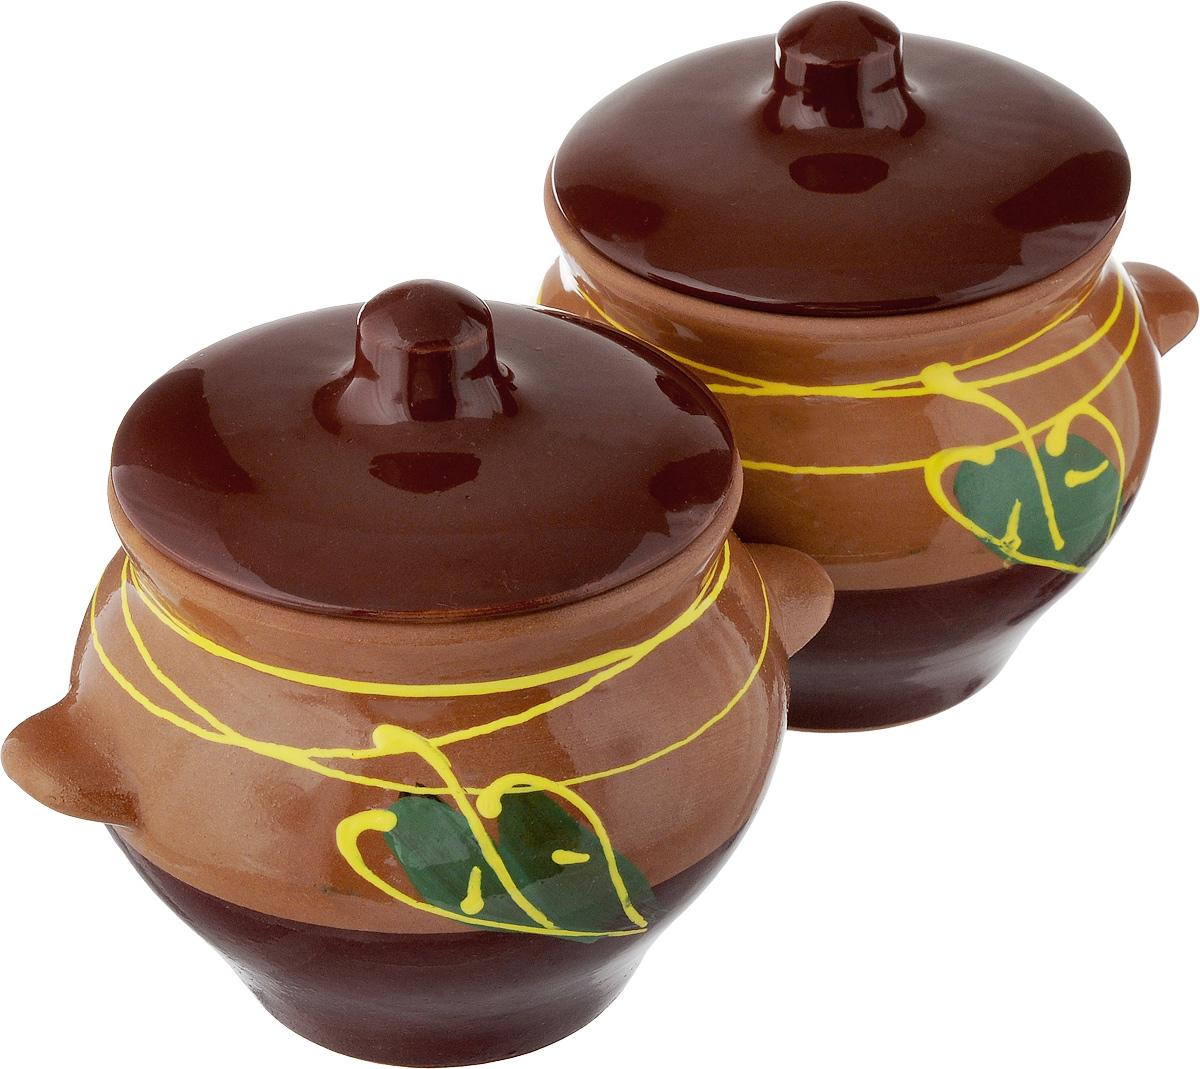 Набор горшочков для запекания Борисовская керамика Стандарт, с крышками, цвет: коричневый, темно-коричневый, зеленый, 500 мл, 2 штОБЧ00000006_коричневый, темно-коричневый, зеленый листокНабор Борисовская керамика Стандарт состоит из 2 горшочков для запекания с крышками. Каждый предмет набора выполнен из высококачественной керамики.Уникальные свойства красной глины и толстые стенки изделия обеспечивают эффект русской печи при приготовлении блюд. Блюда, приготовленные в керамическом горшке, получаются нежными и сочными. Вы сможете приготовить мясо, сделать томленые овощи и все это без капли масла. Это один из самых здоровых способов готовки. Можно использовать в духовке и микроволновой печи. Диаметр горшка (по верхнему краю): 9,5 см.Высота стенок: 9,6 см.Объем горшка: 500 мл.